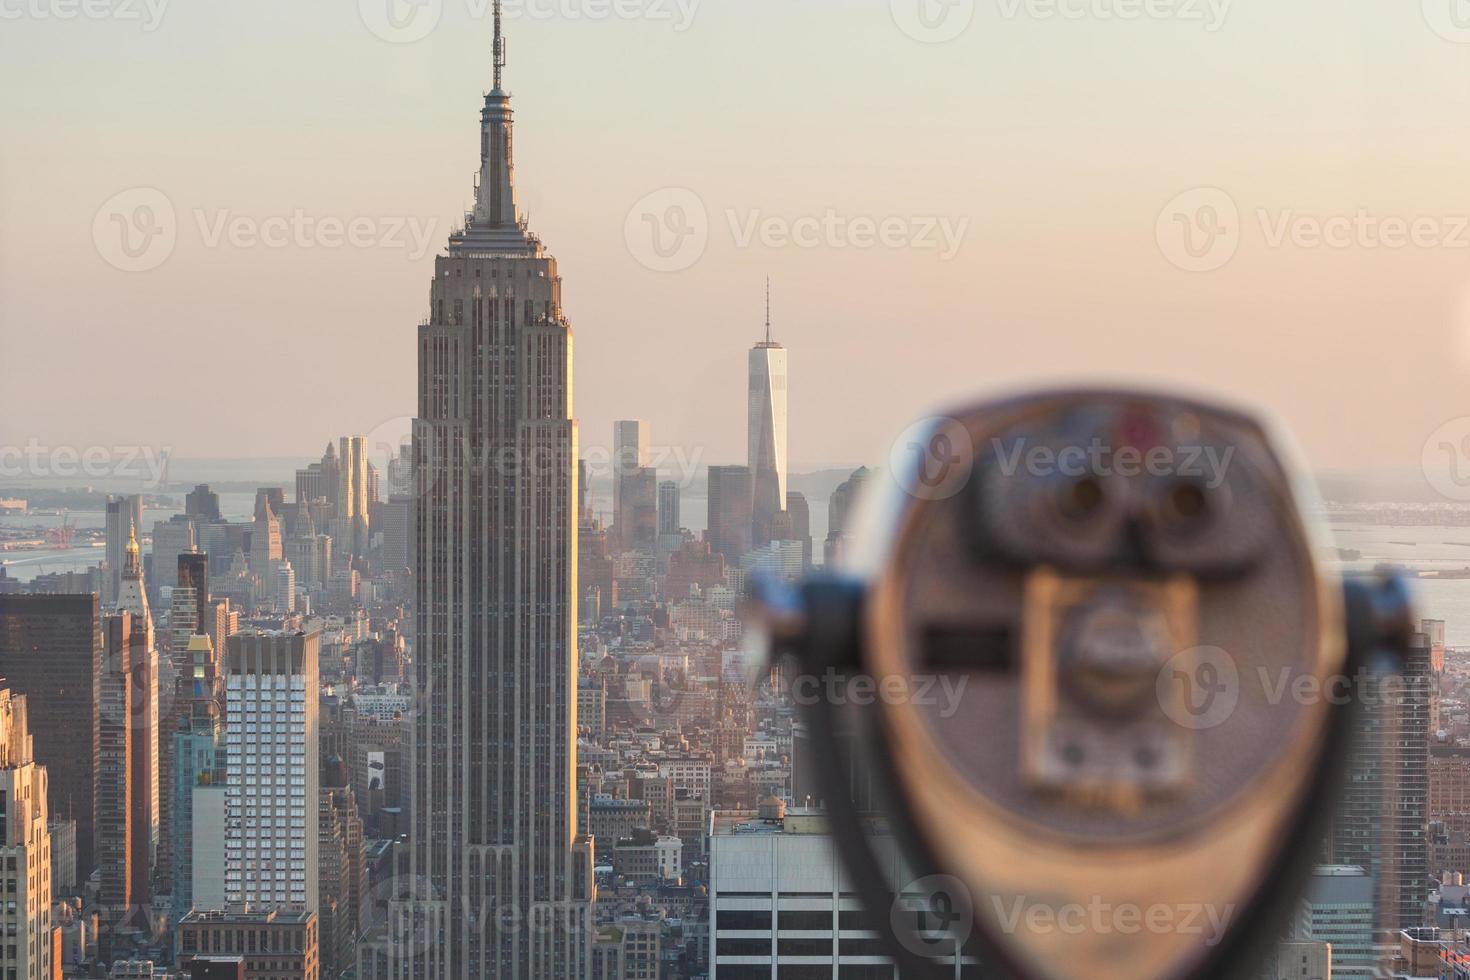 verrekijker met wolkenkrabbers van New York op de achtergrond bij zonsondergang foto